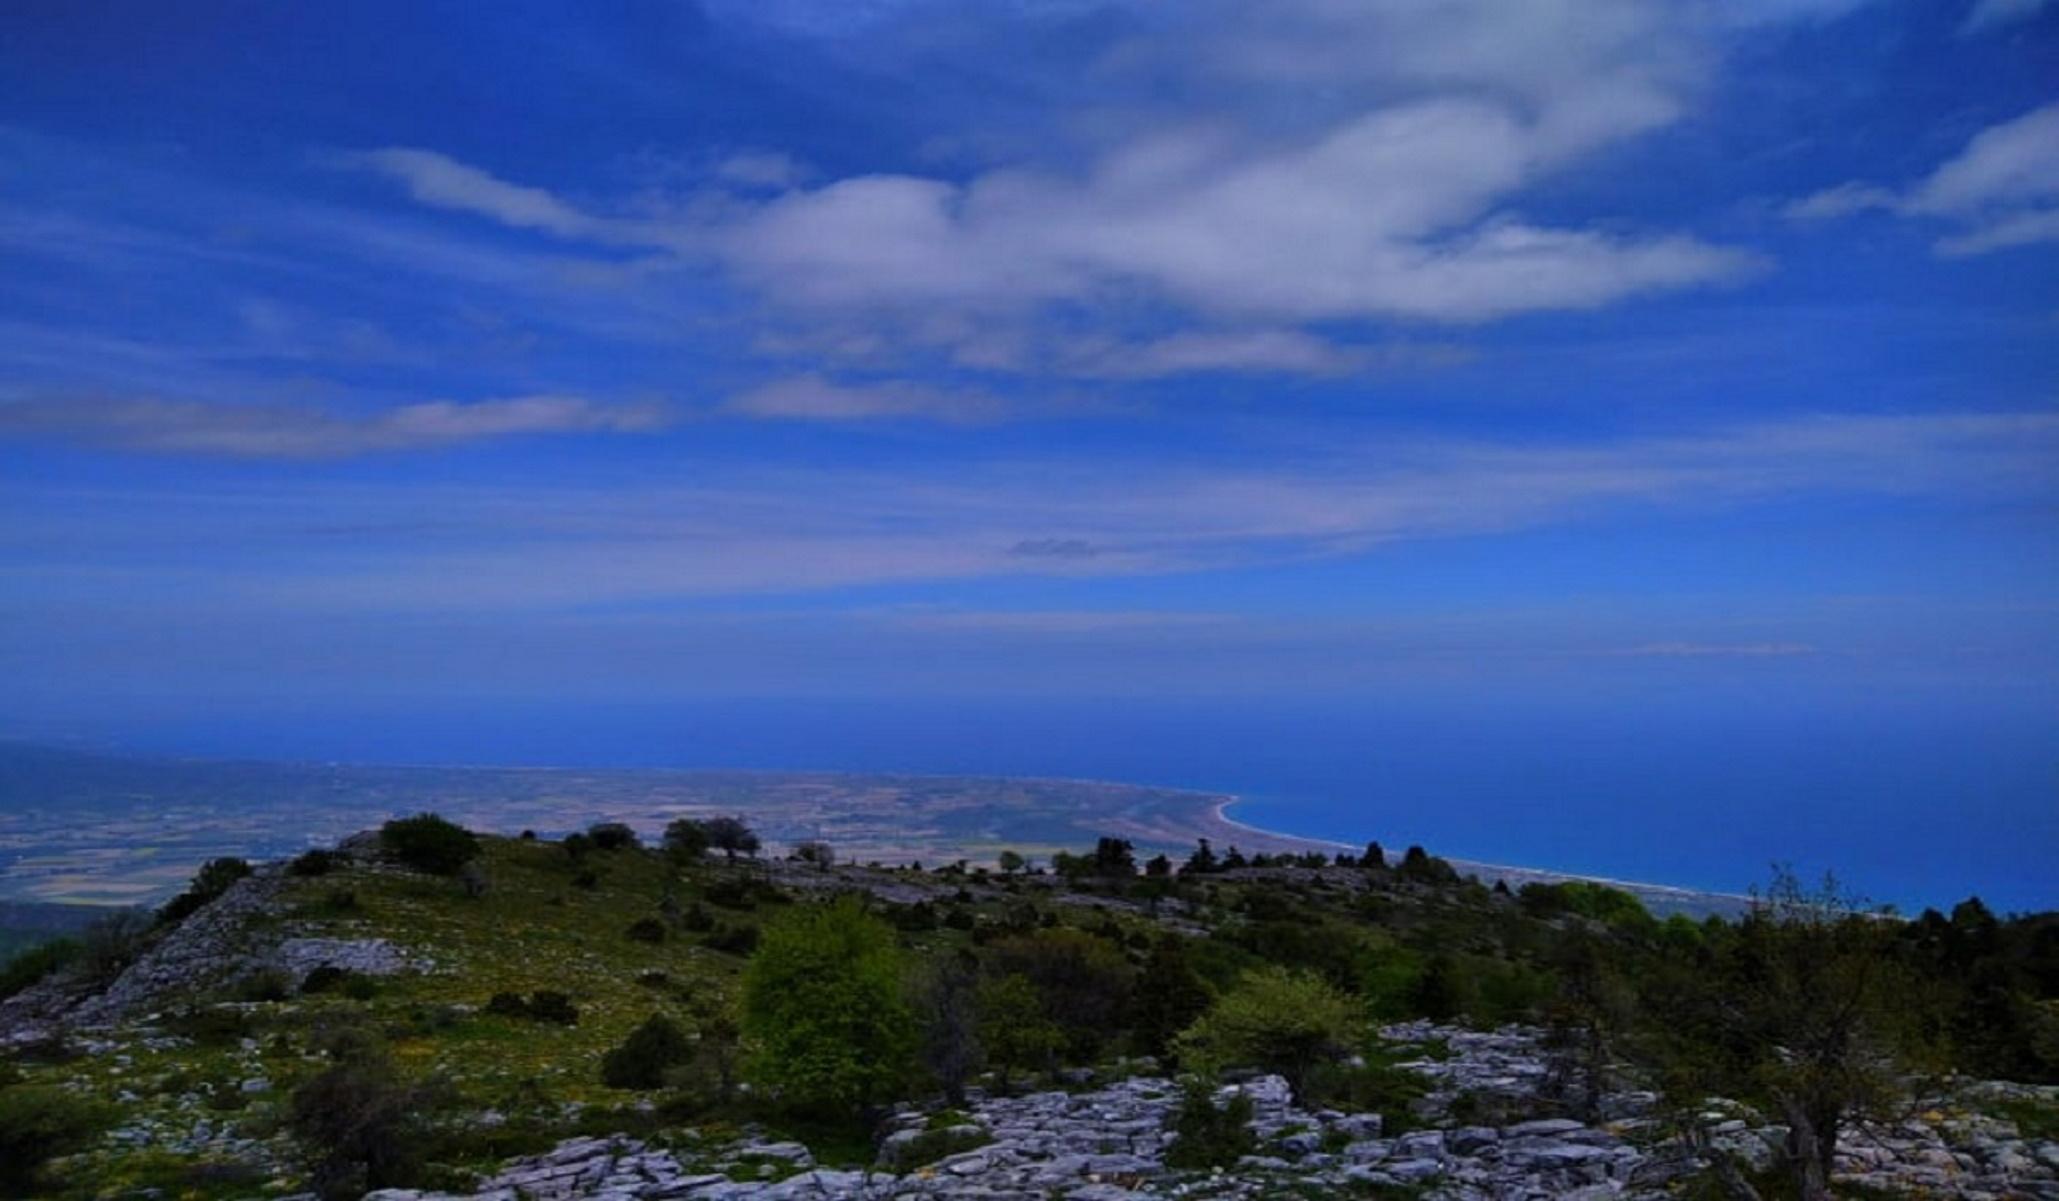 Ο Κίσσαβος «αγναντεύει» τον Θερμαϊκό – Όμορφες εικόνες που σε ταξιδεύουν (pics, vid)